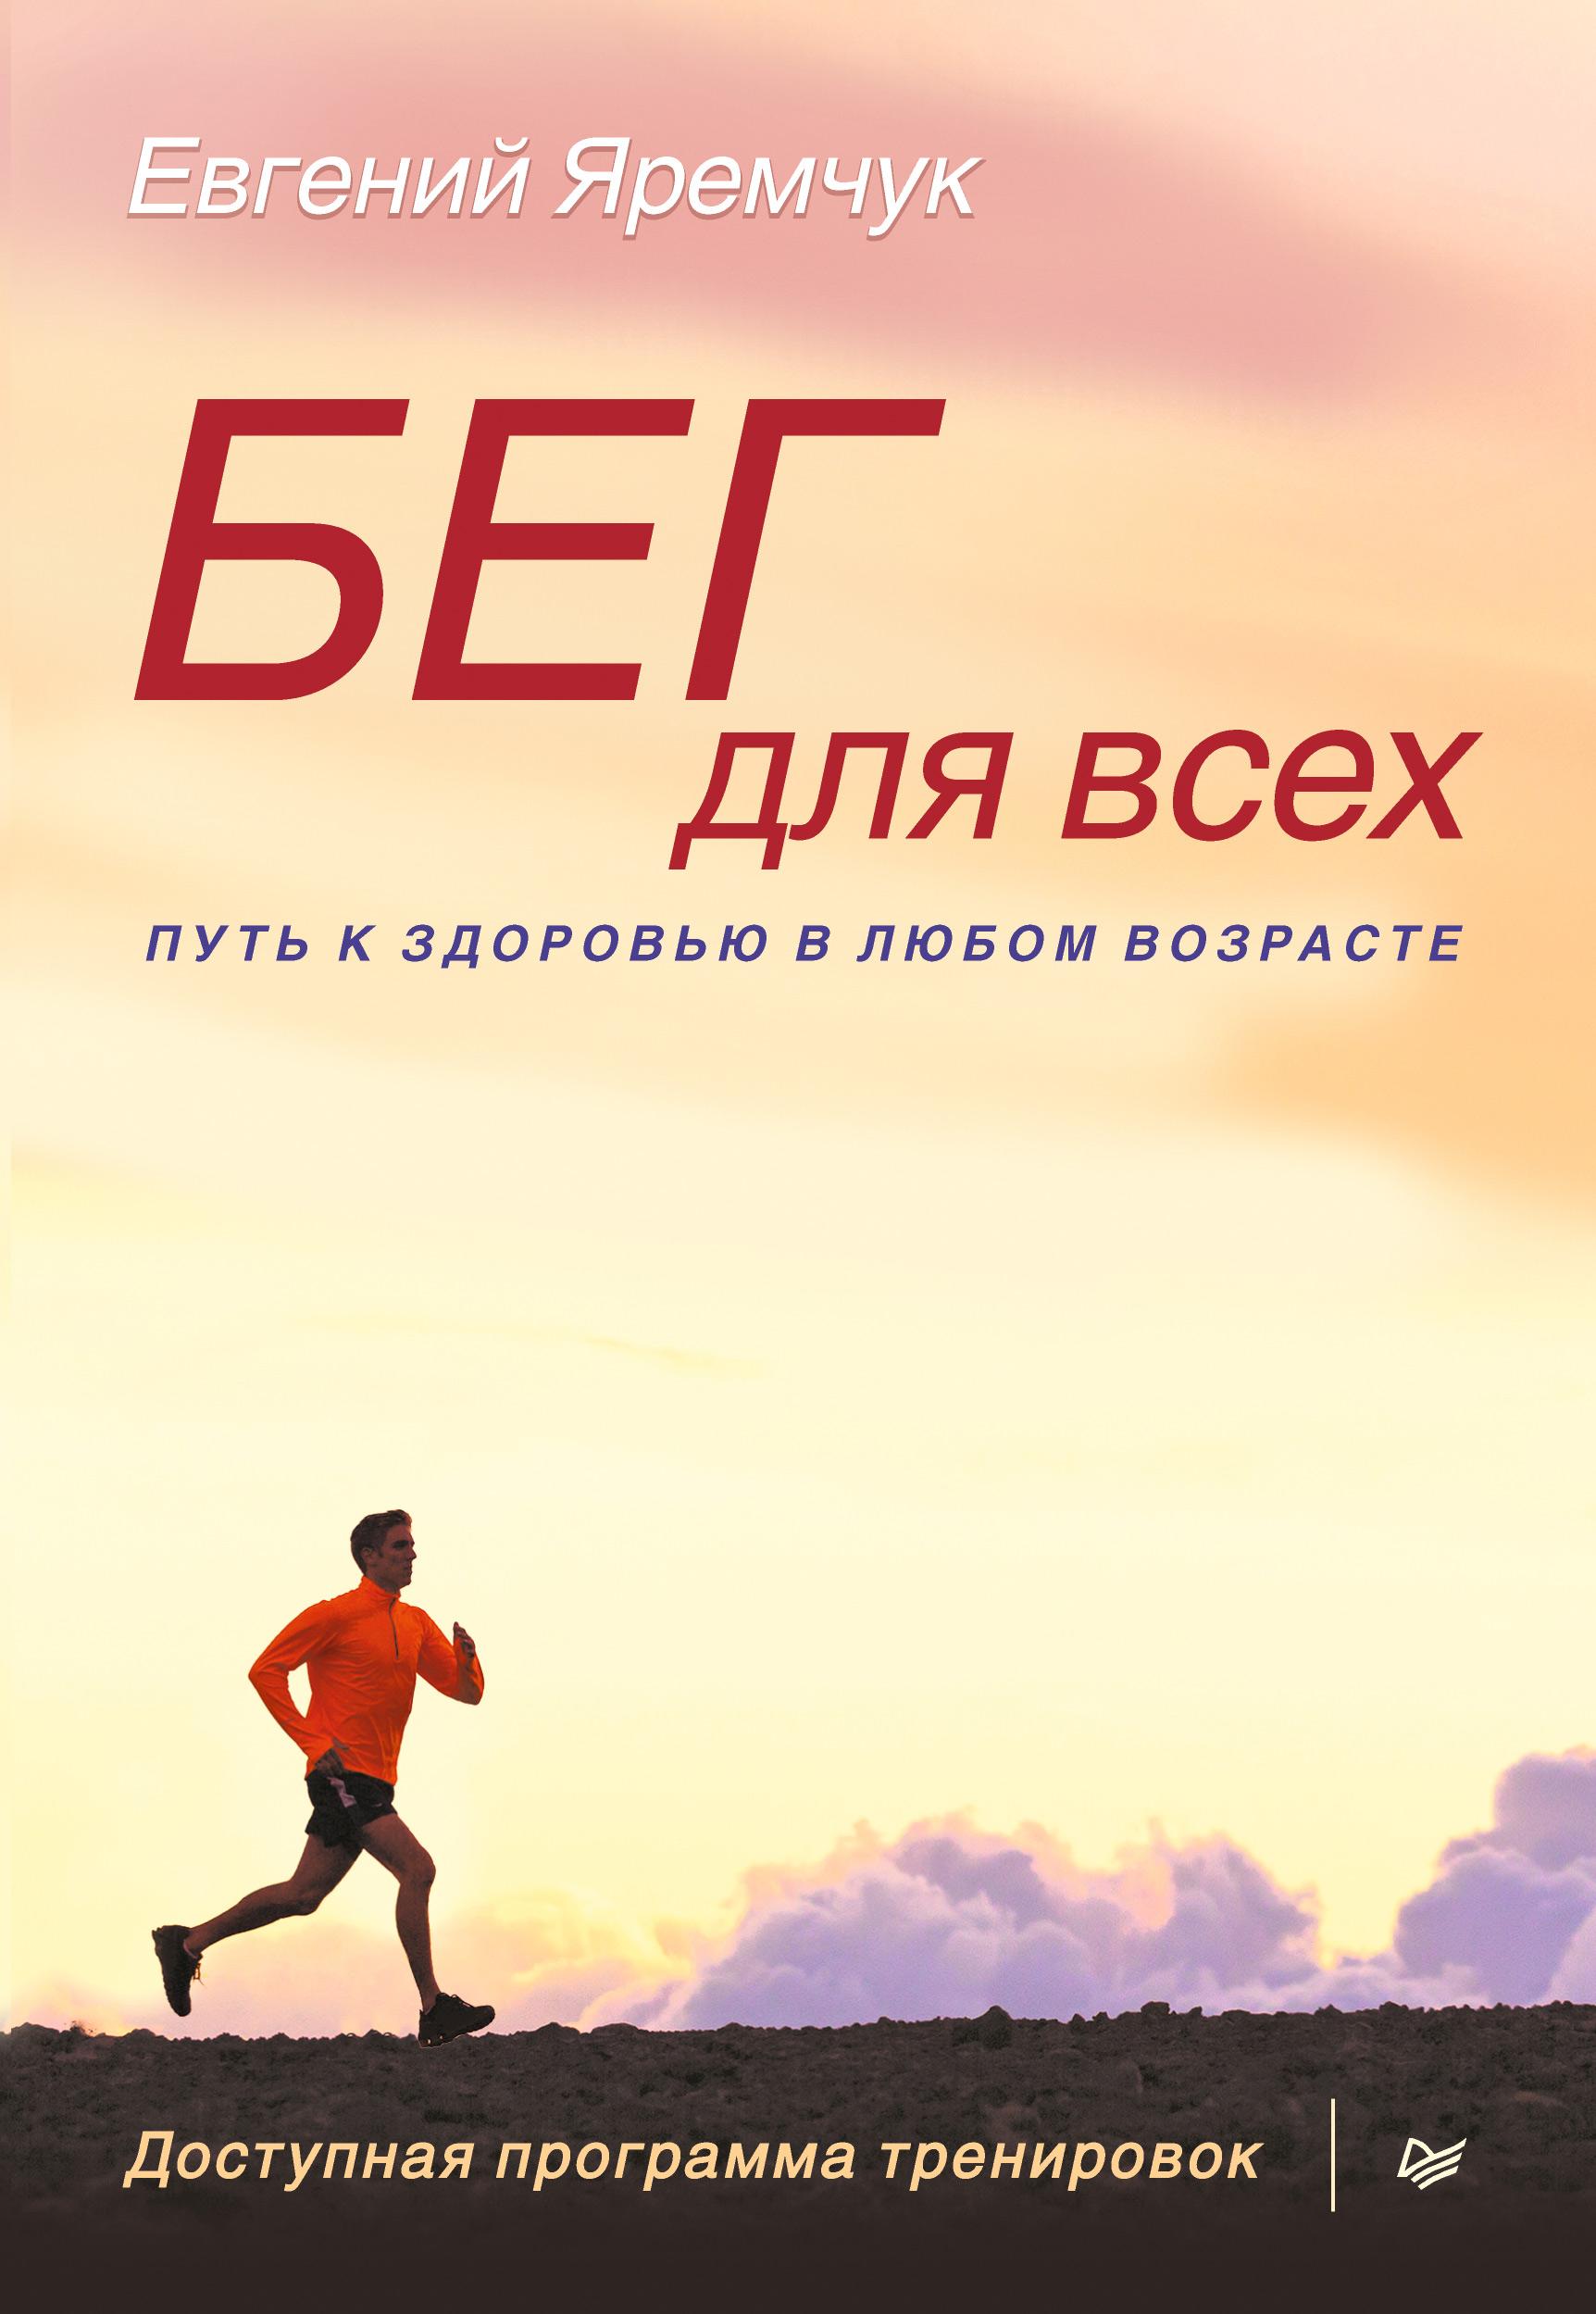 Евгений Яремчук Бег для всех. Доступная программа тренировок